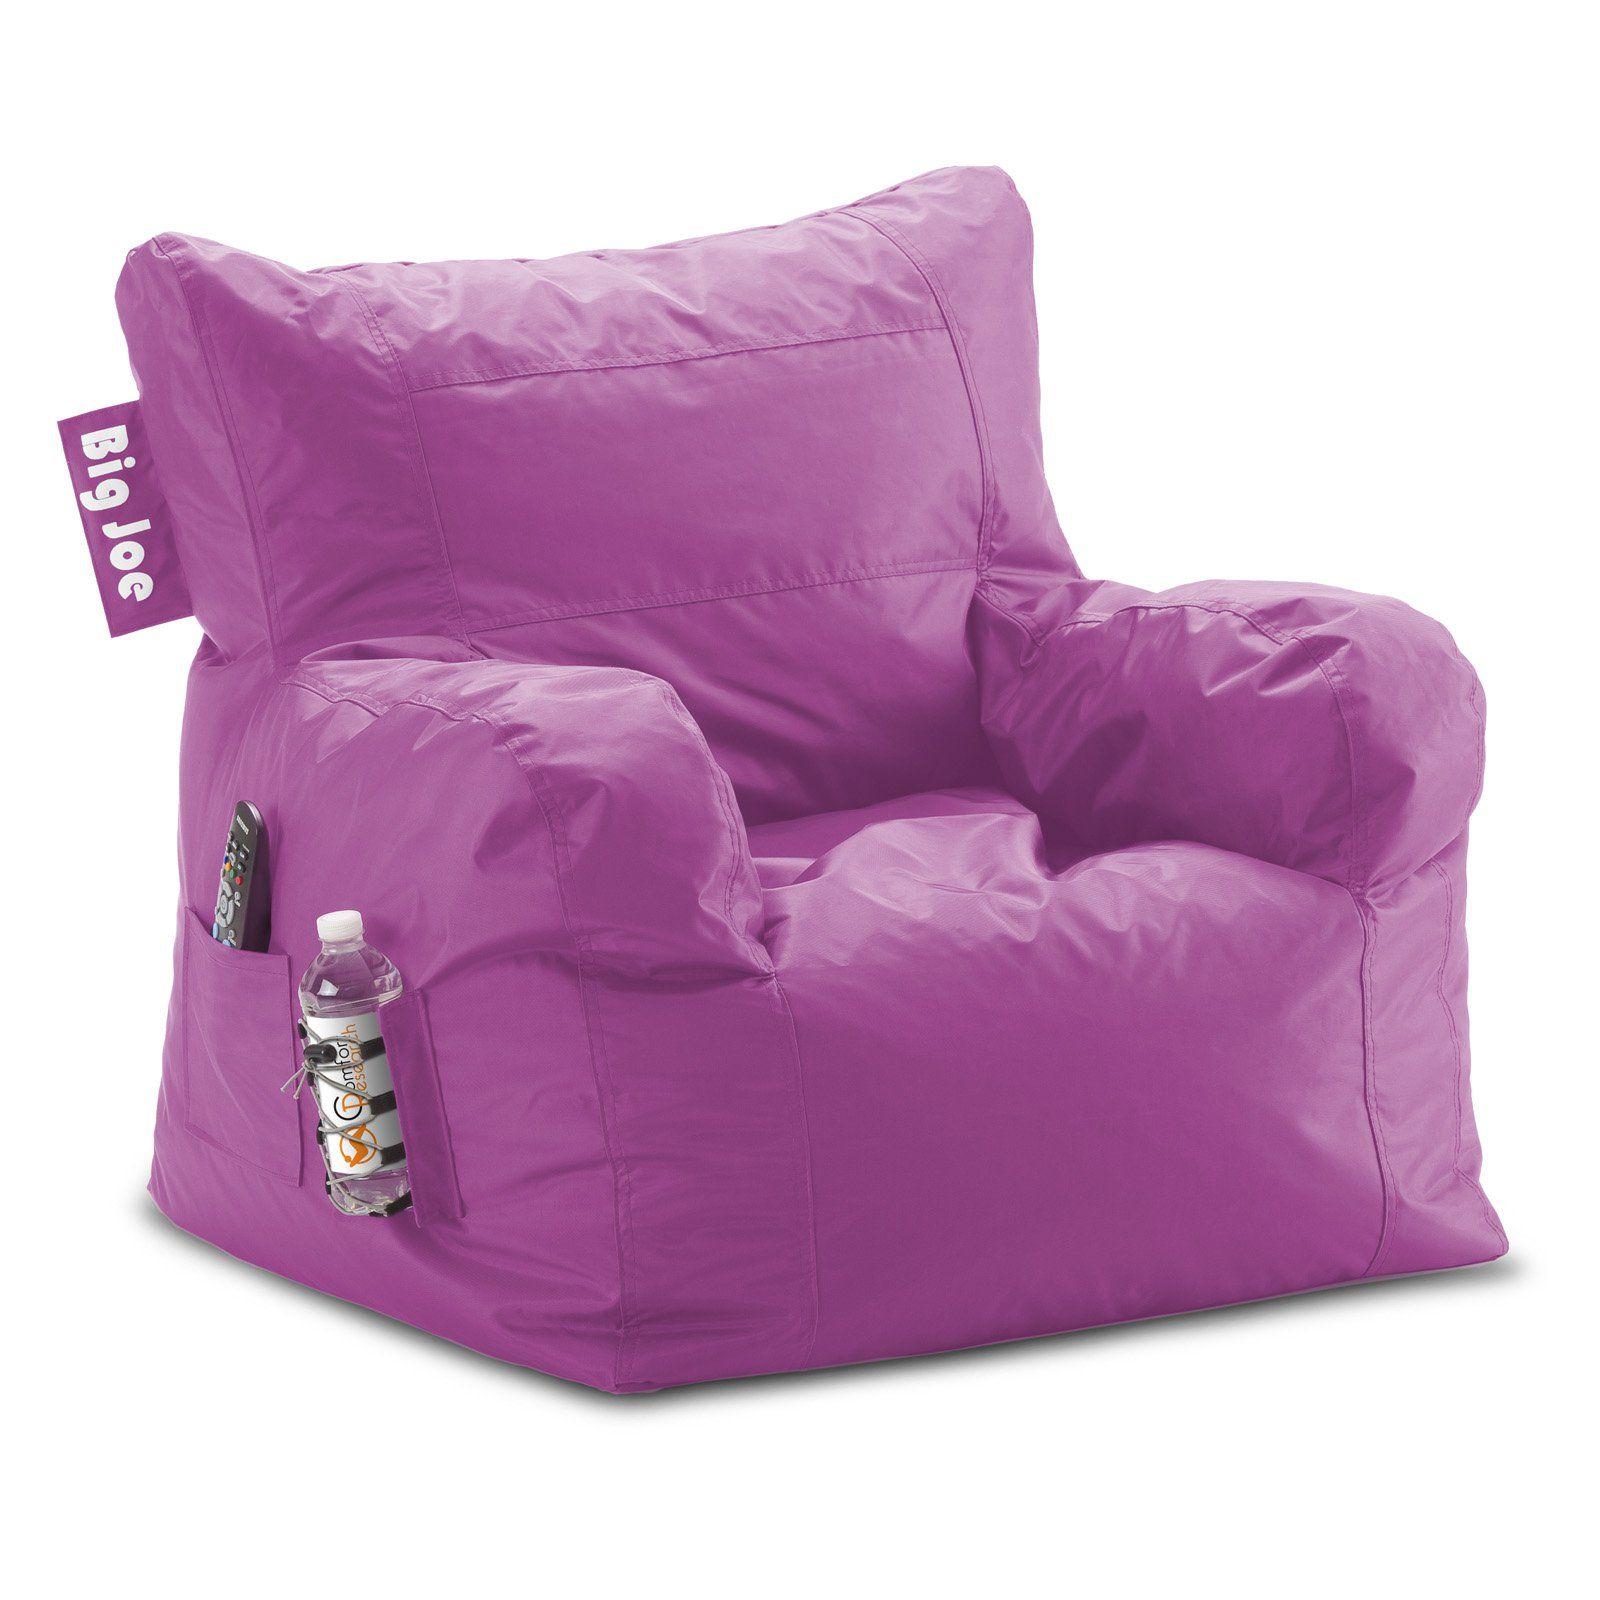 Big Joe Dorm Bean Bag Chair Radiant Orchid Bean Bag Chair Dorm